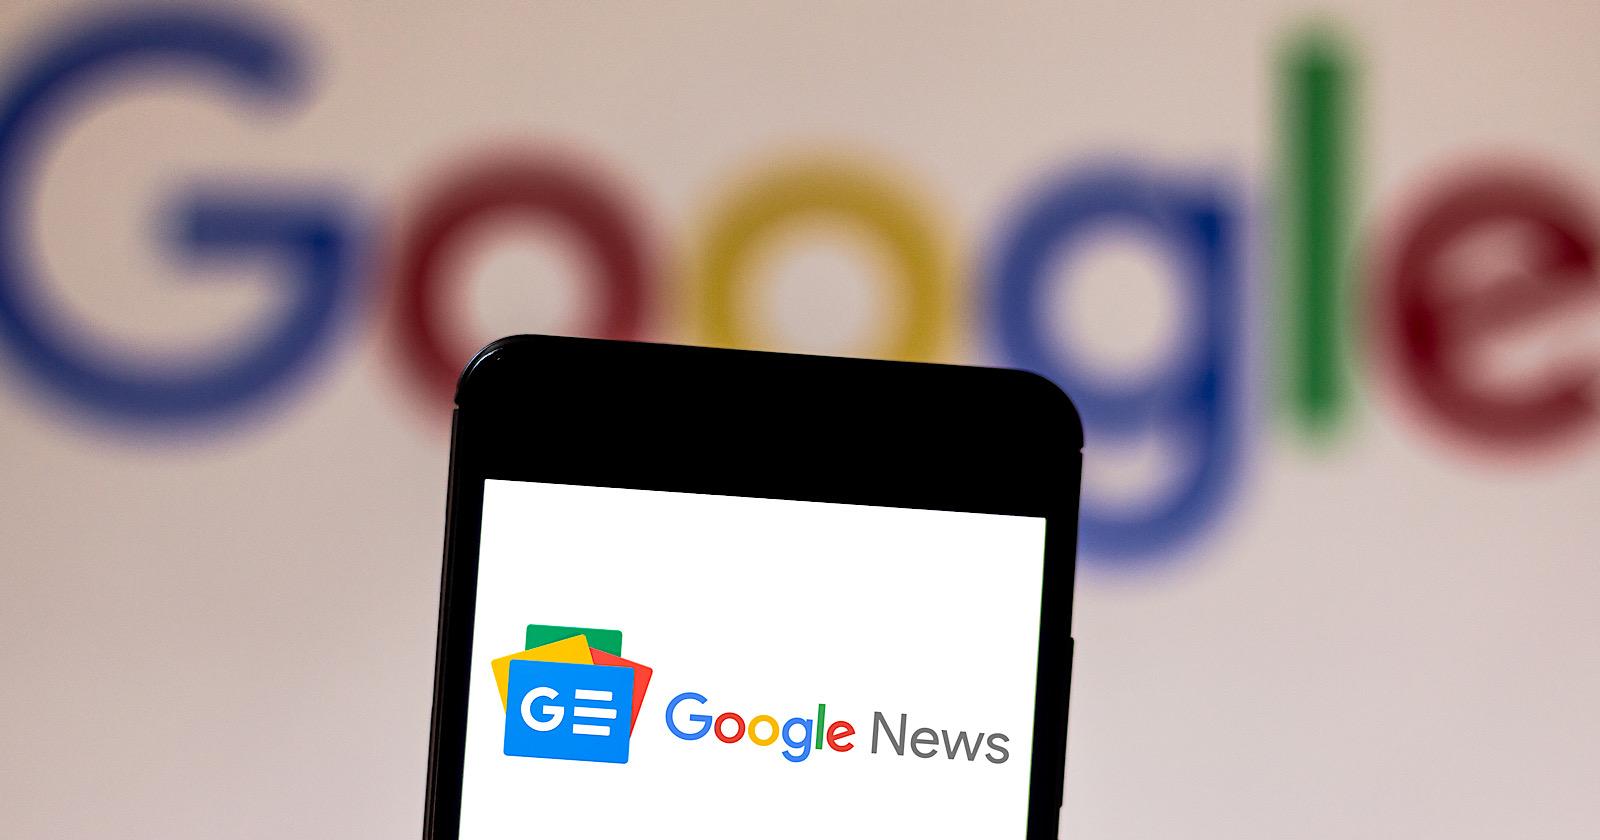 Google va începe să plătească unii autorii de conținut pentru articolele de știri preluate